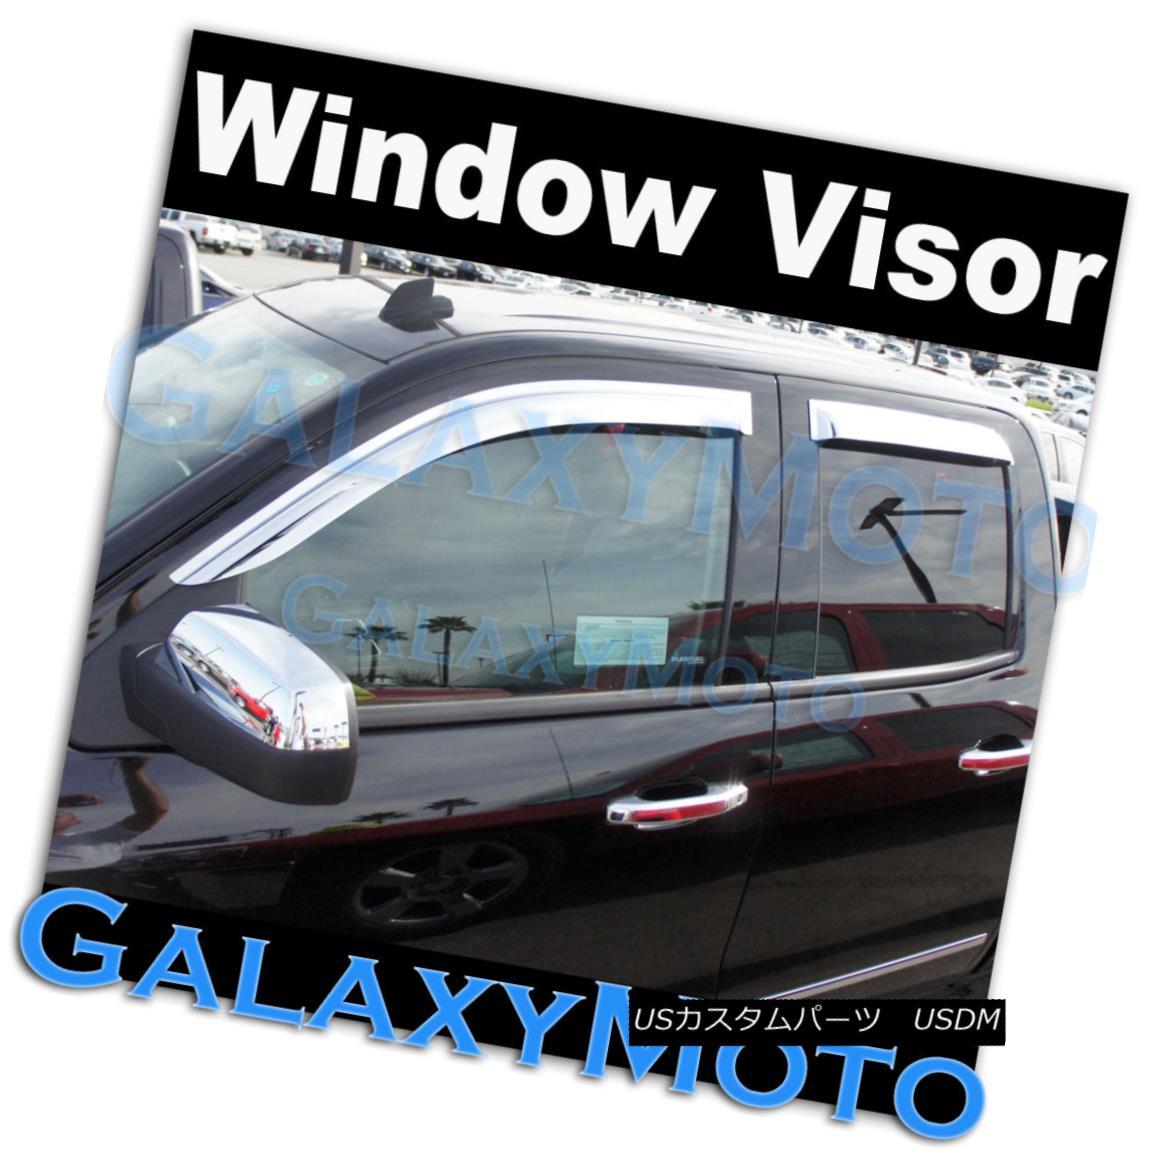 グリル 14-15 GMC Sierra 1500 Chrome 4pcs Extended Cab Window Visor Vent Wind Deflectors 14-15 GMC Sierra 1500 Chrome 4pcs拡張キャブウィンドウバイザーベント風防